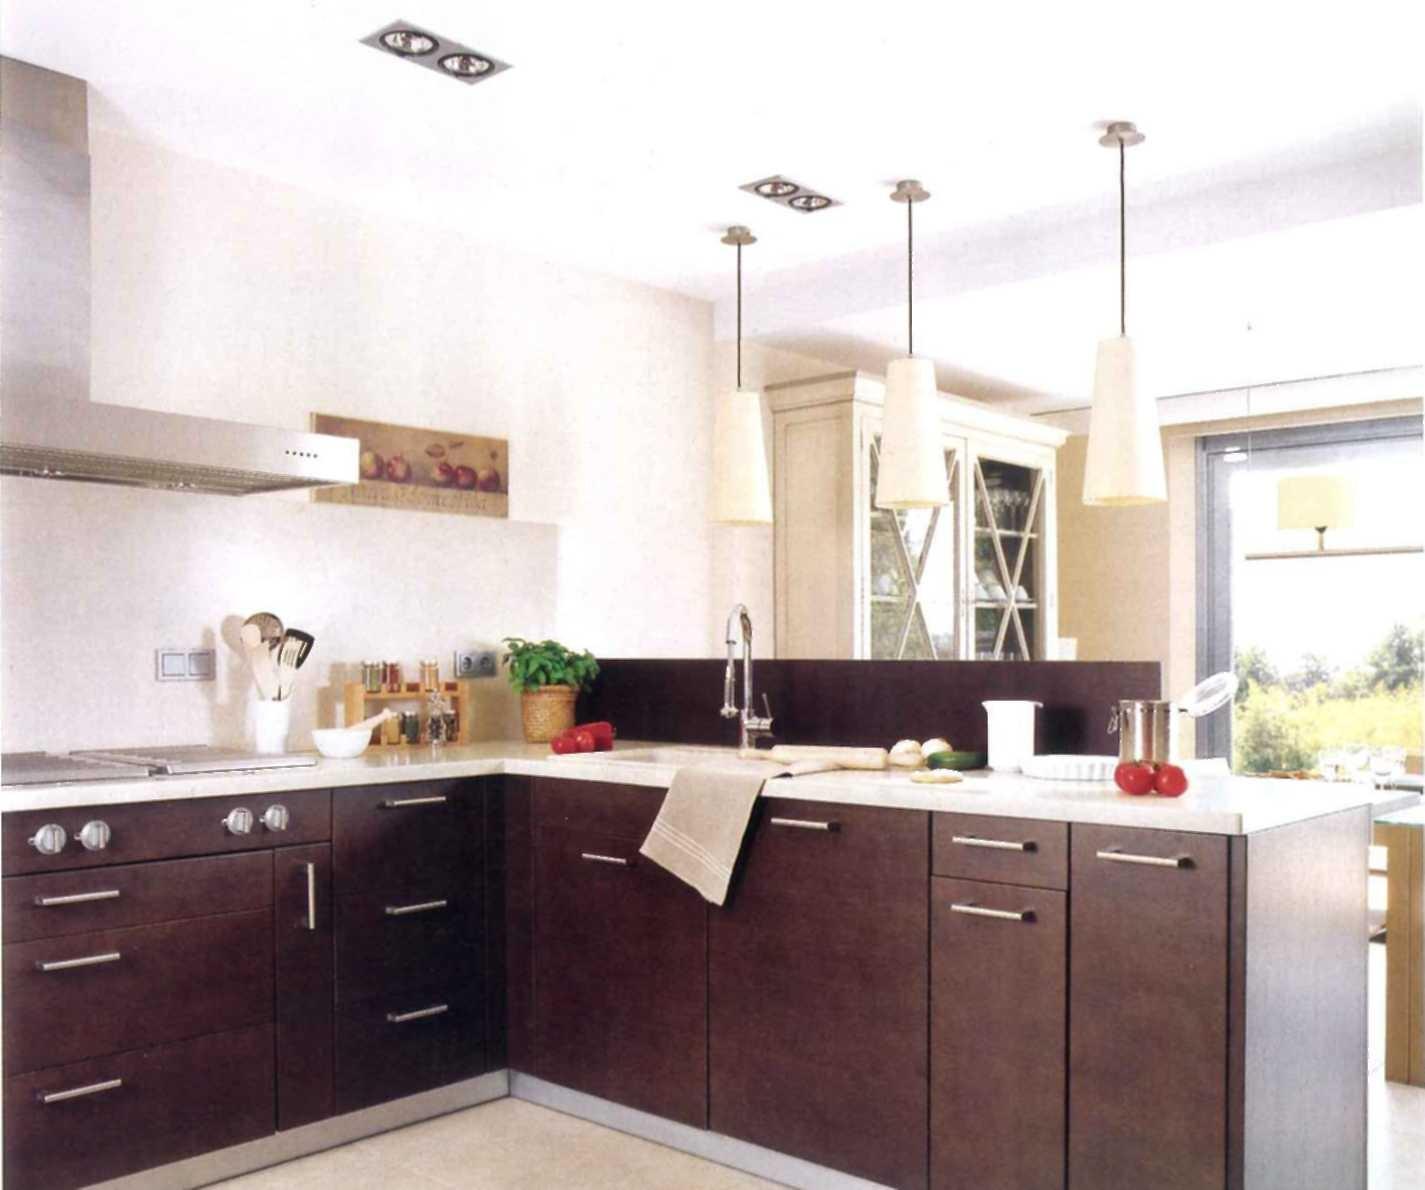 decoração de interiores, decoração cozinha - moveis cozinha wengué com divisoria na ilha